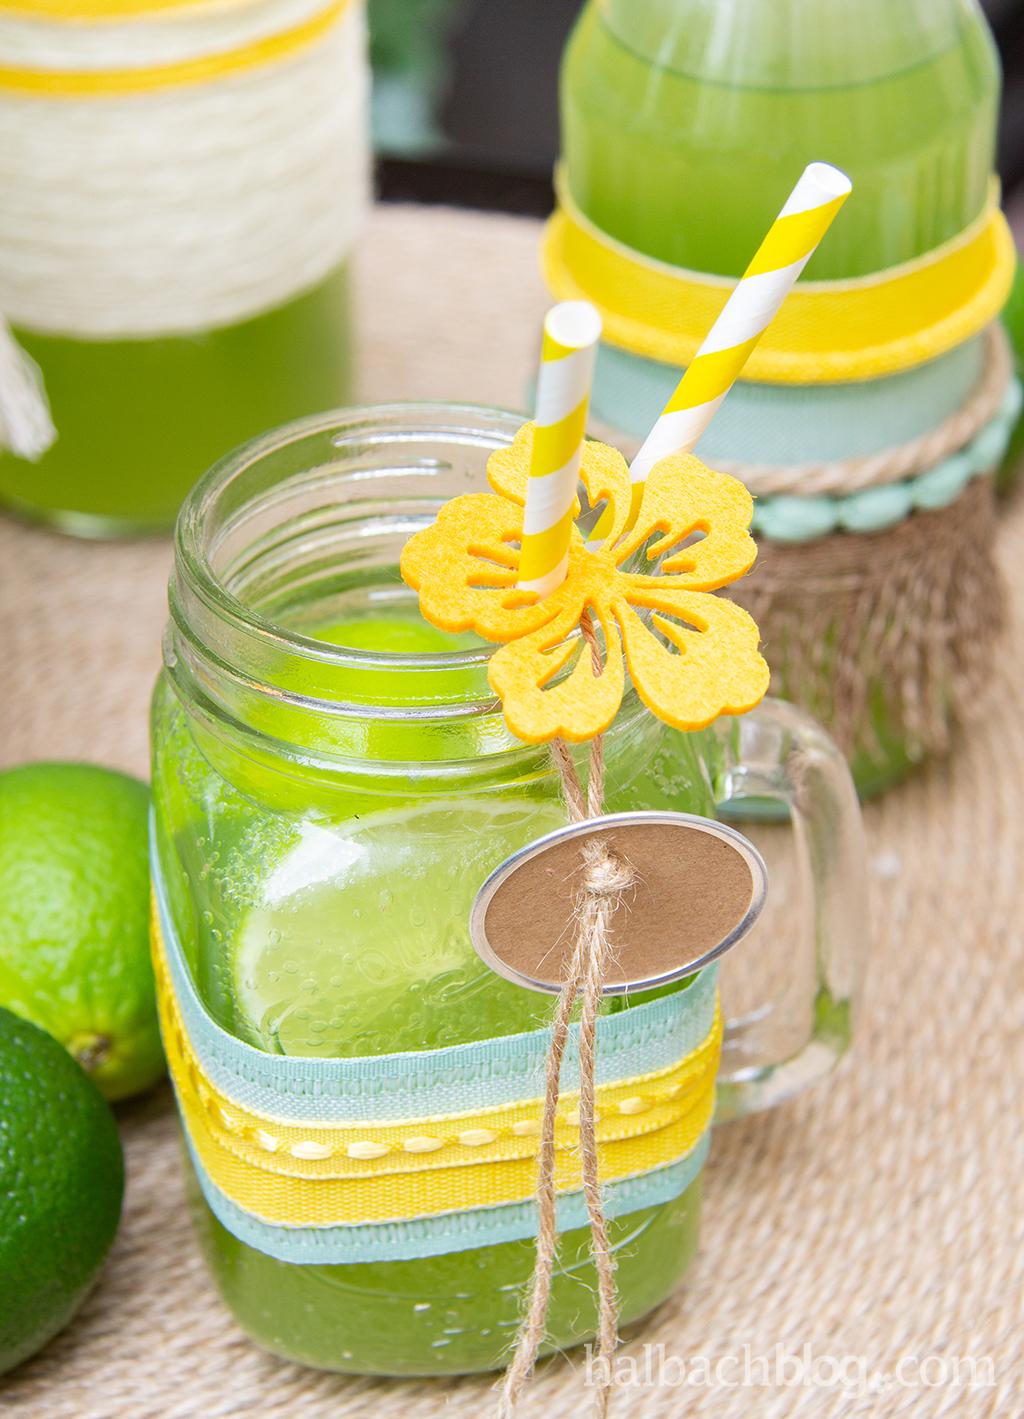 Halbachblog I DIY-Ideen für den Outdoor-Sommer: Flaschendeko mit Bändern und Kordeln von Oliver Ferchland I Mocktails I Modern Boho Style